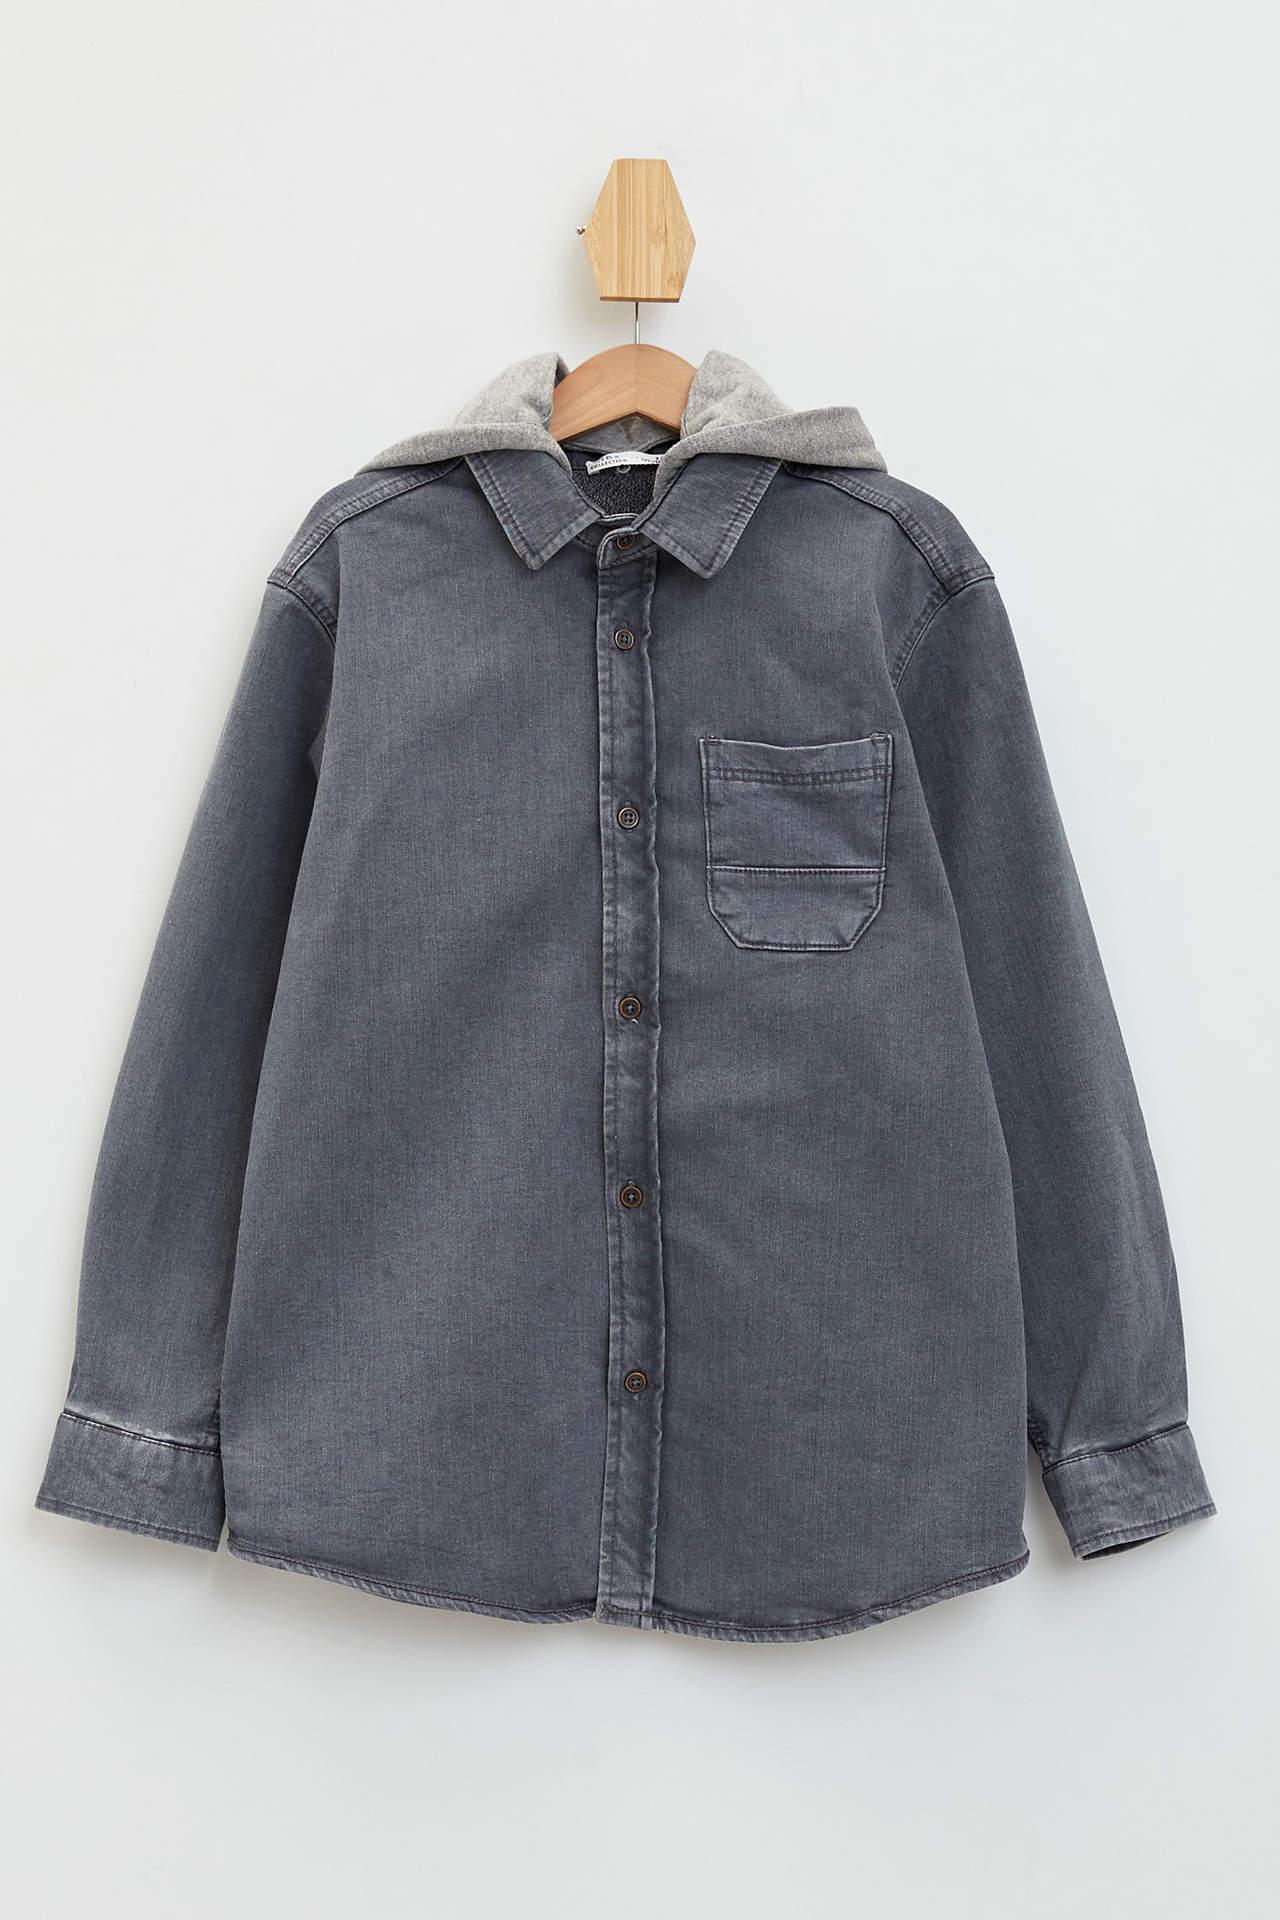 DeFacto Erkek Çocuk Çıkarılabilir Kapüşonlu Jean Gömlek Gri male